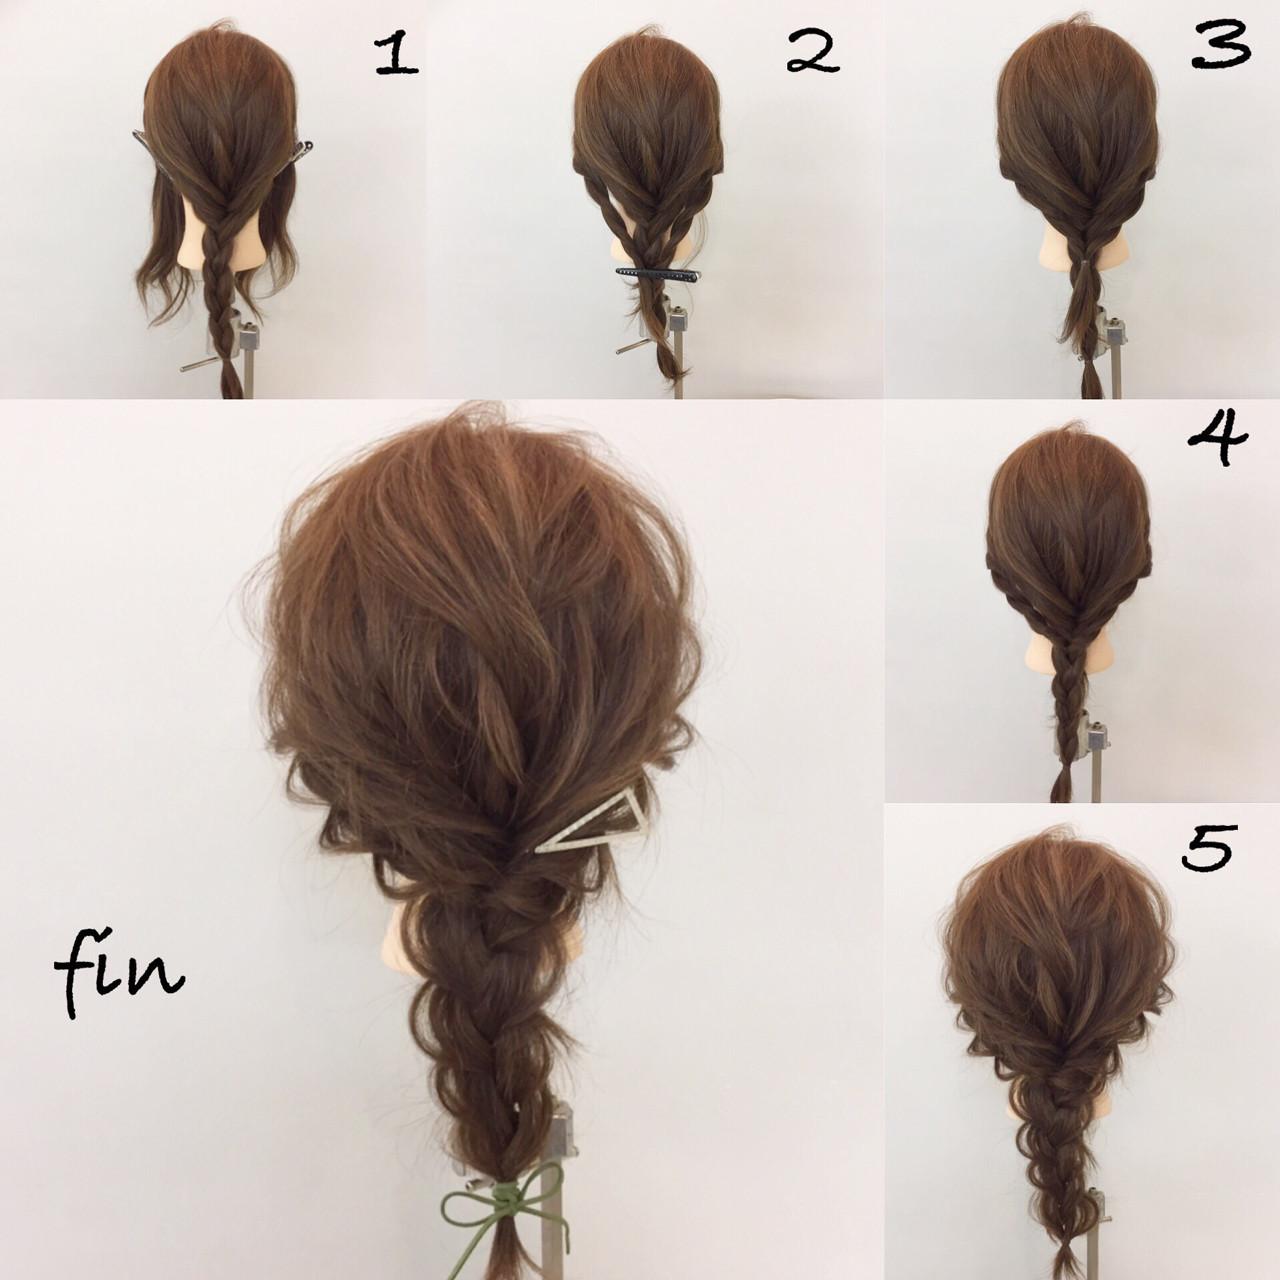 三つ編み ヘアアレンジ 編み込み 大人女子 ヘアスタイルや髪型の写真・画像